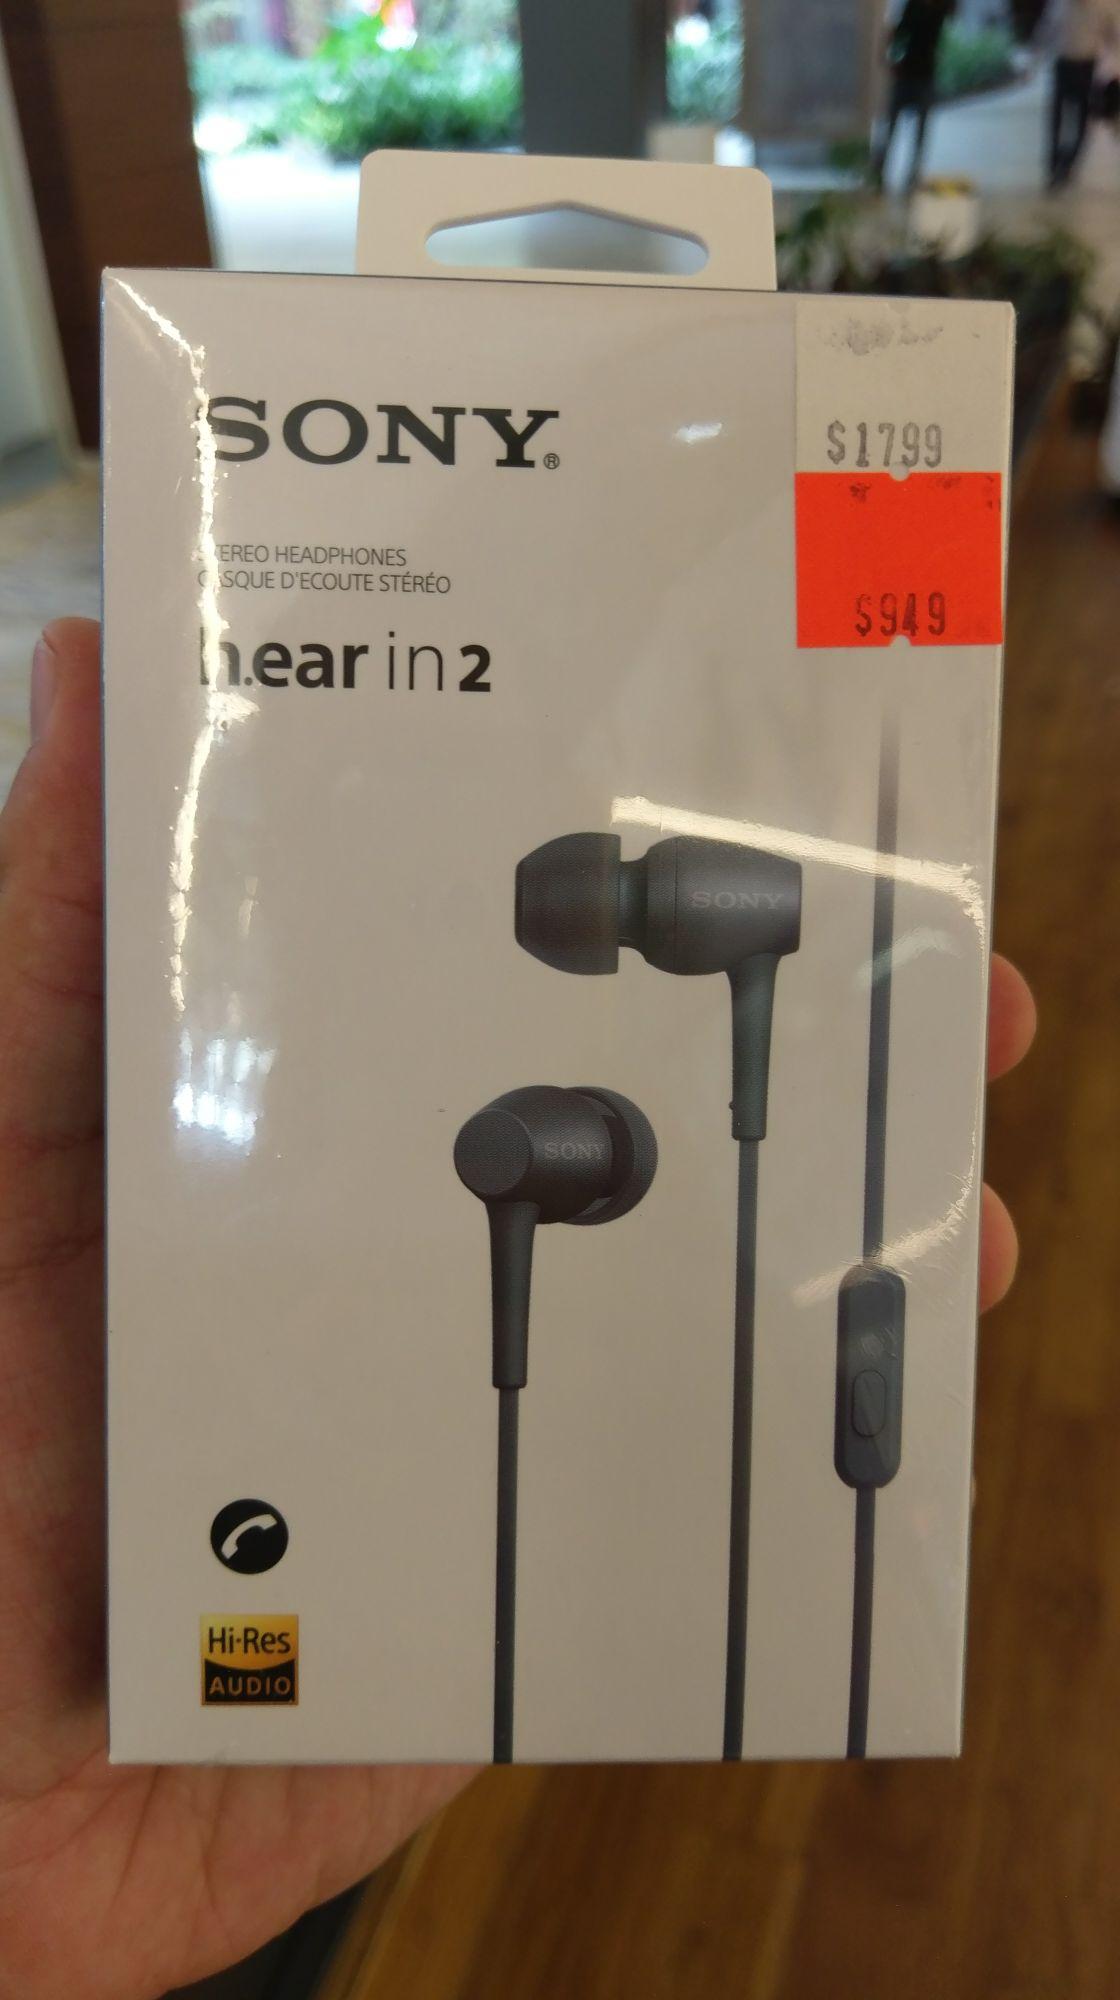 Sony Store Satélite, audífonos h.ear in 2, IER-H500